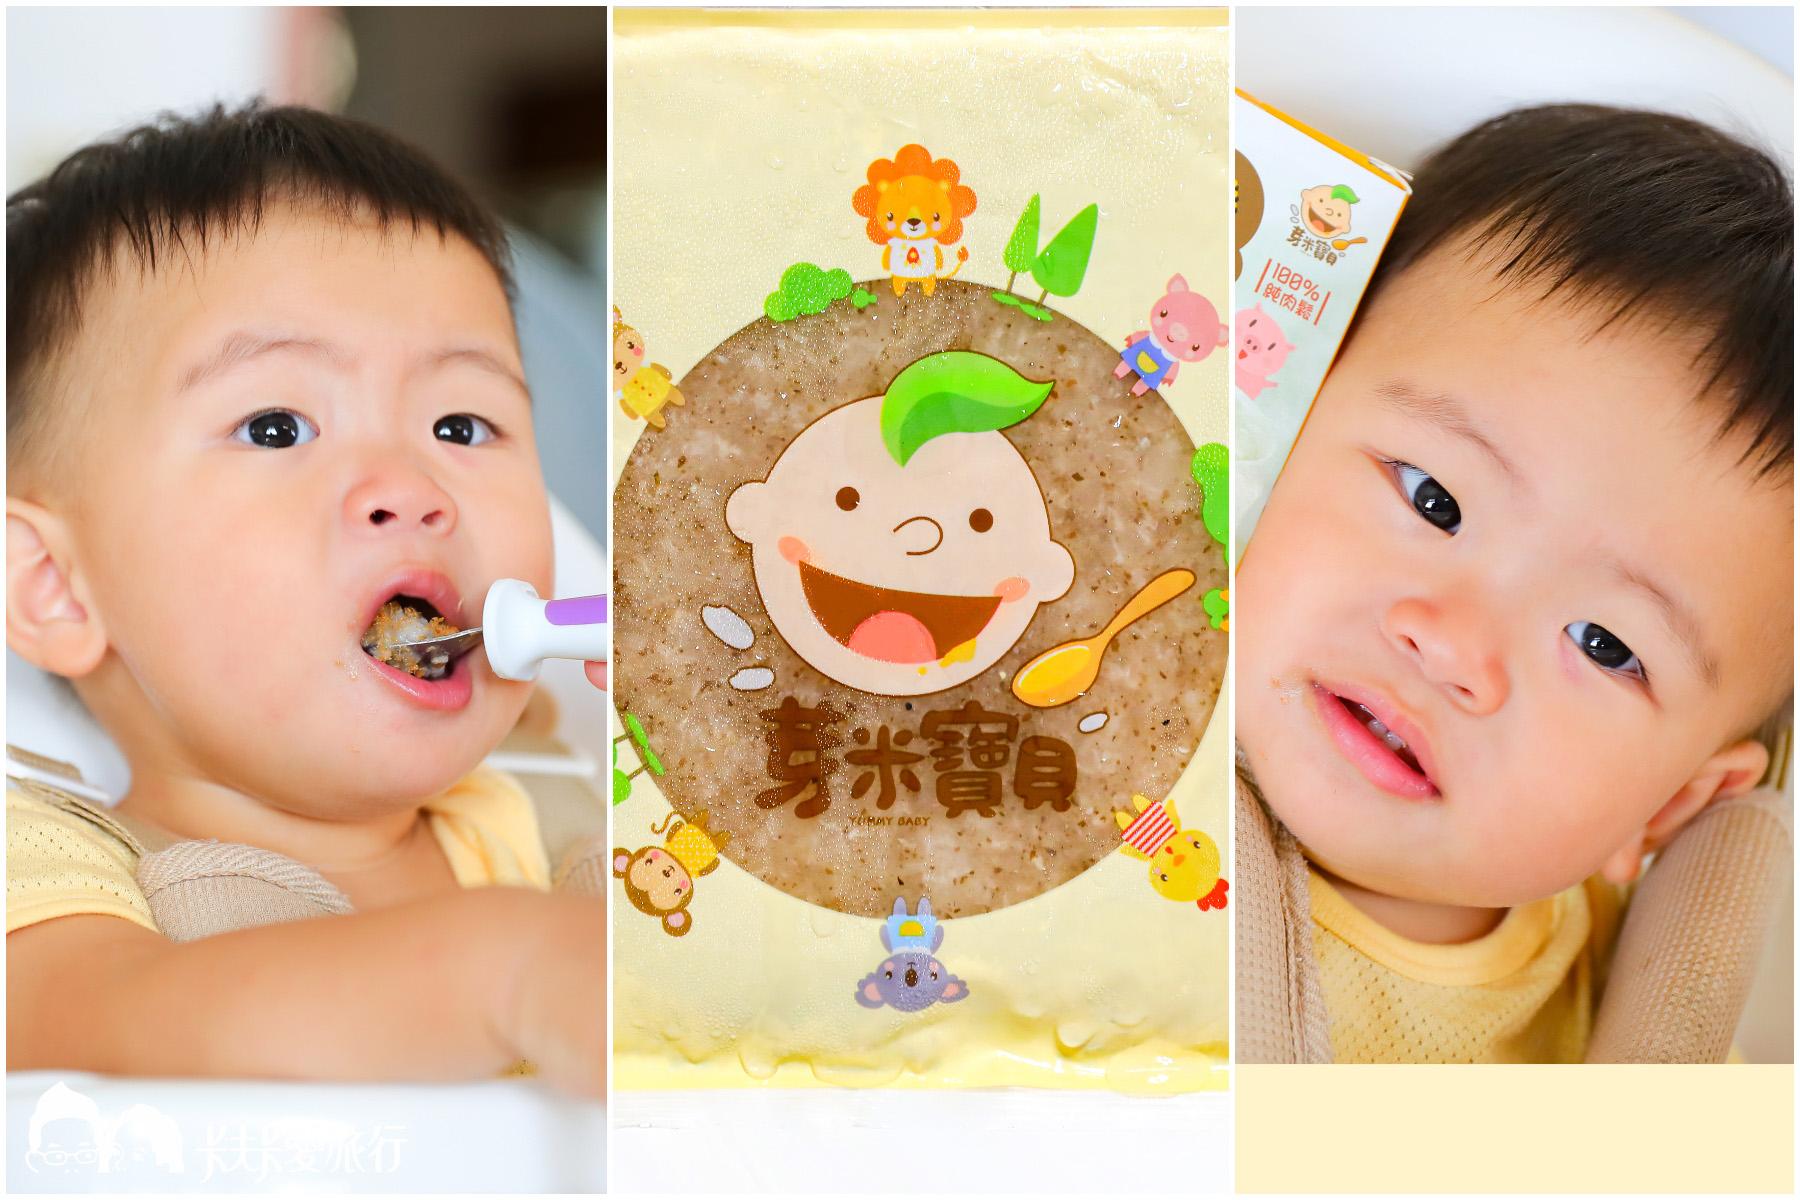 寶寶副食品推薦!好吃營養外出必帶|芽米寶貝|寶寶粥評價加熱方式及心得分享